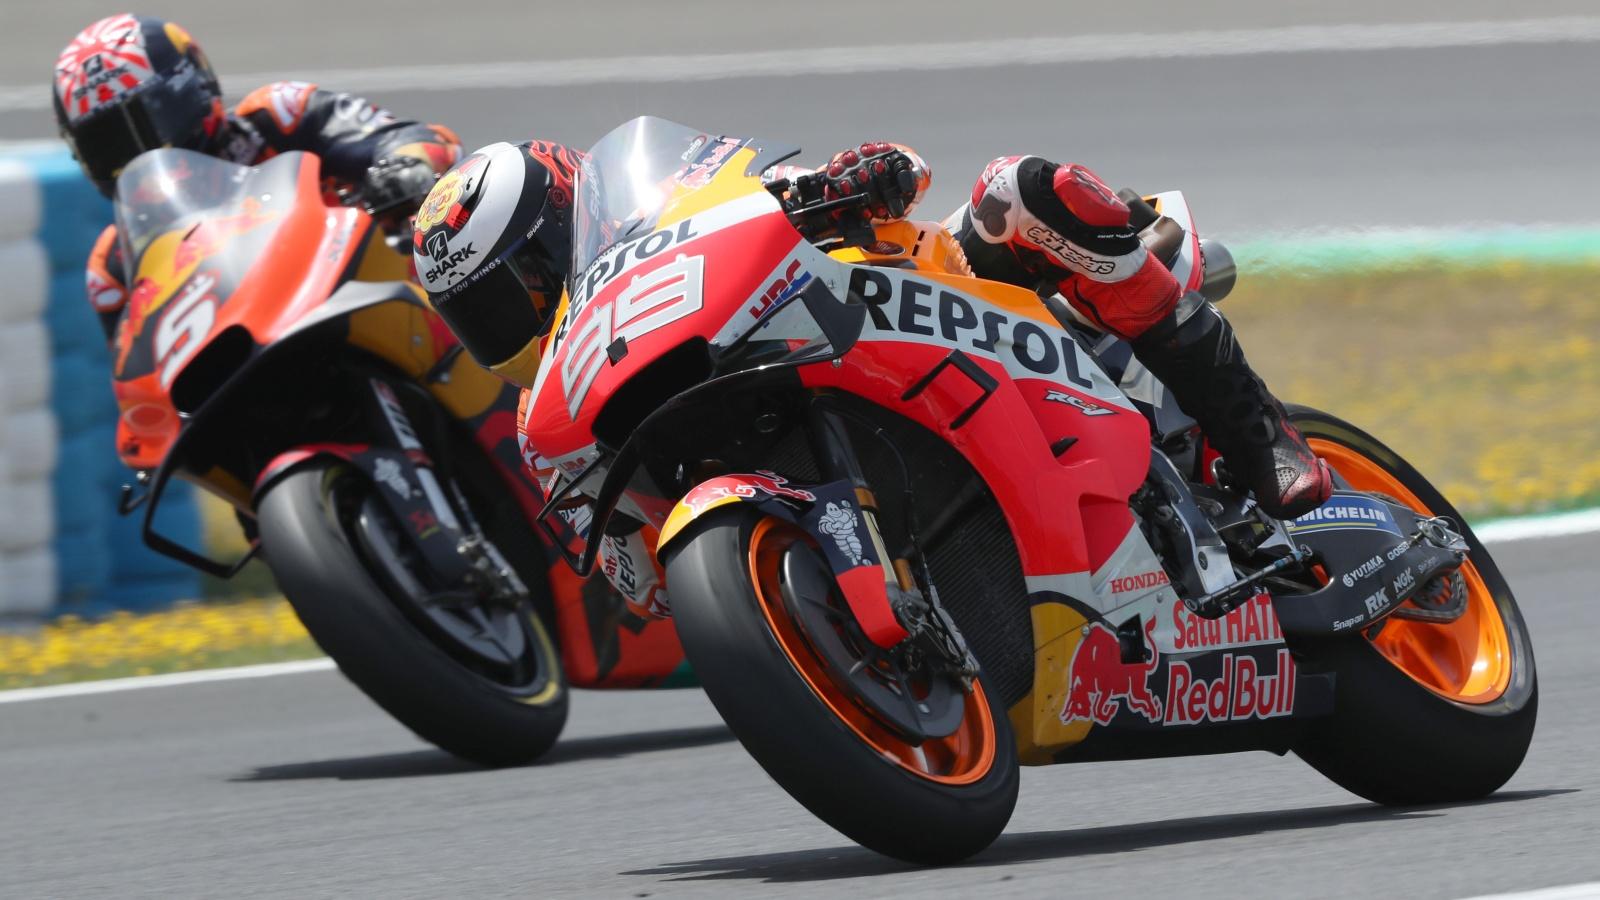 Mercado de fichajes para 2020 en MotoGP, Moto2, Moto3 y Superbike